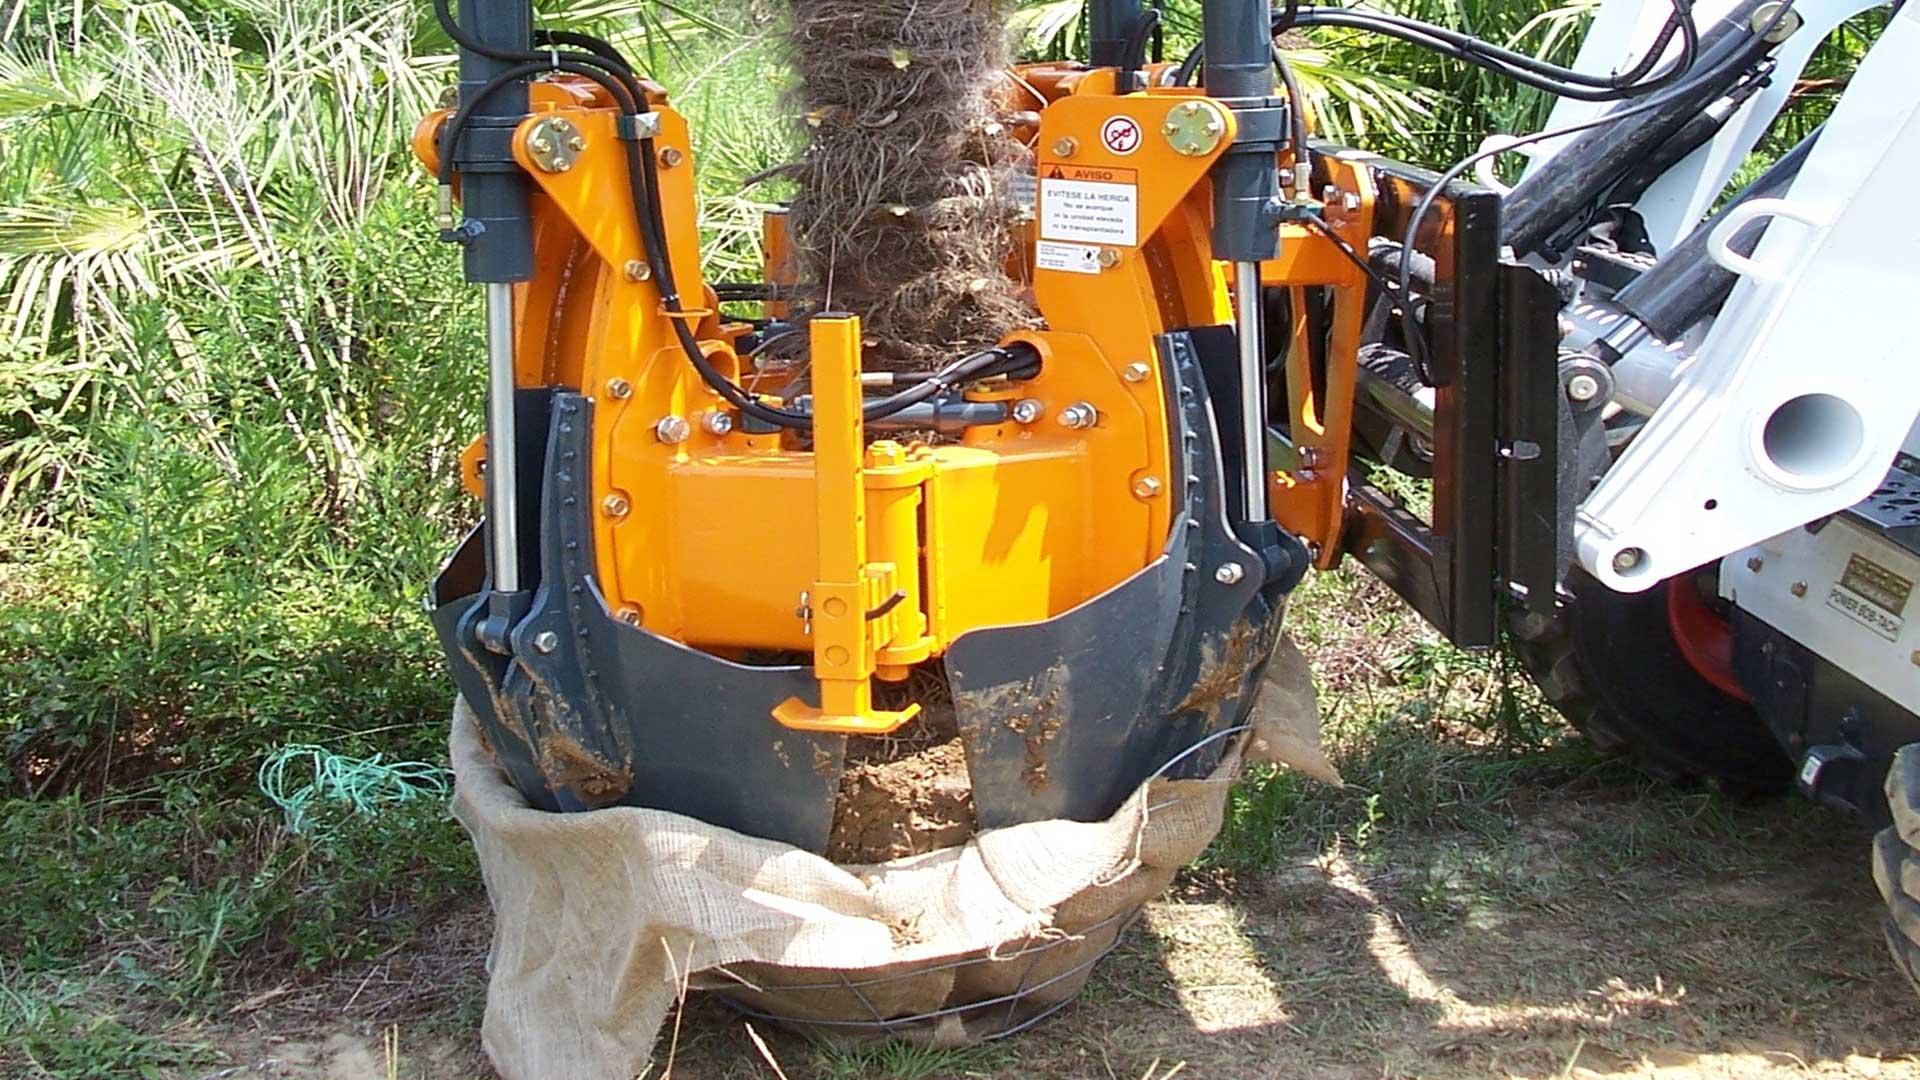 Optimum-1100-tree-spade